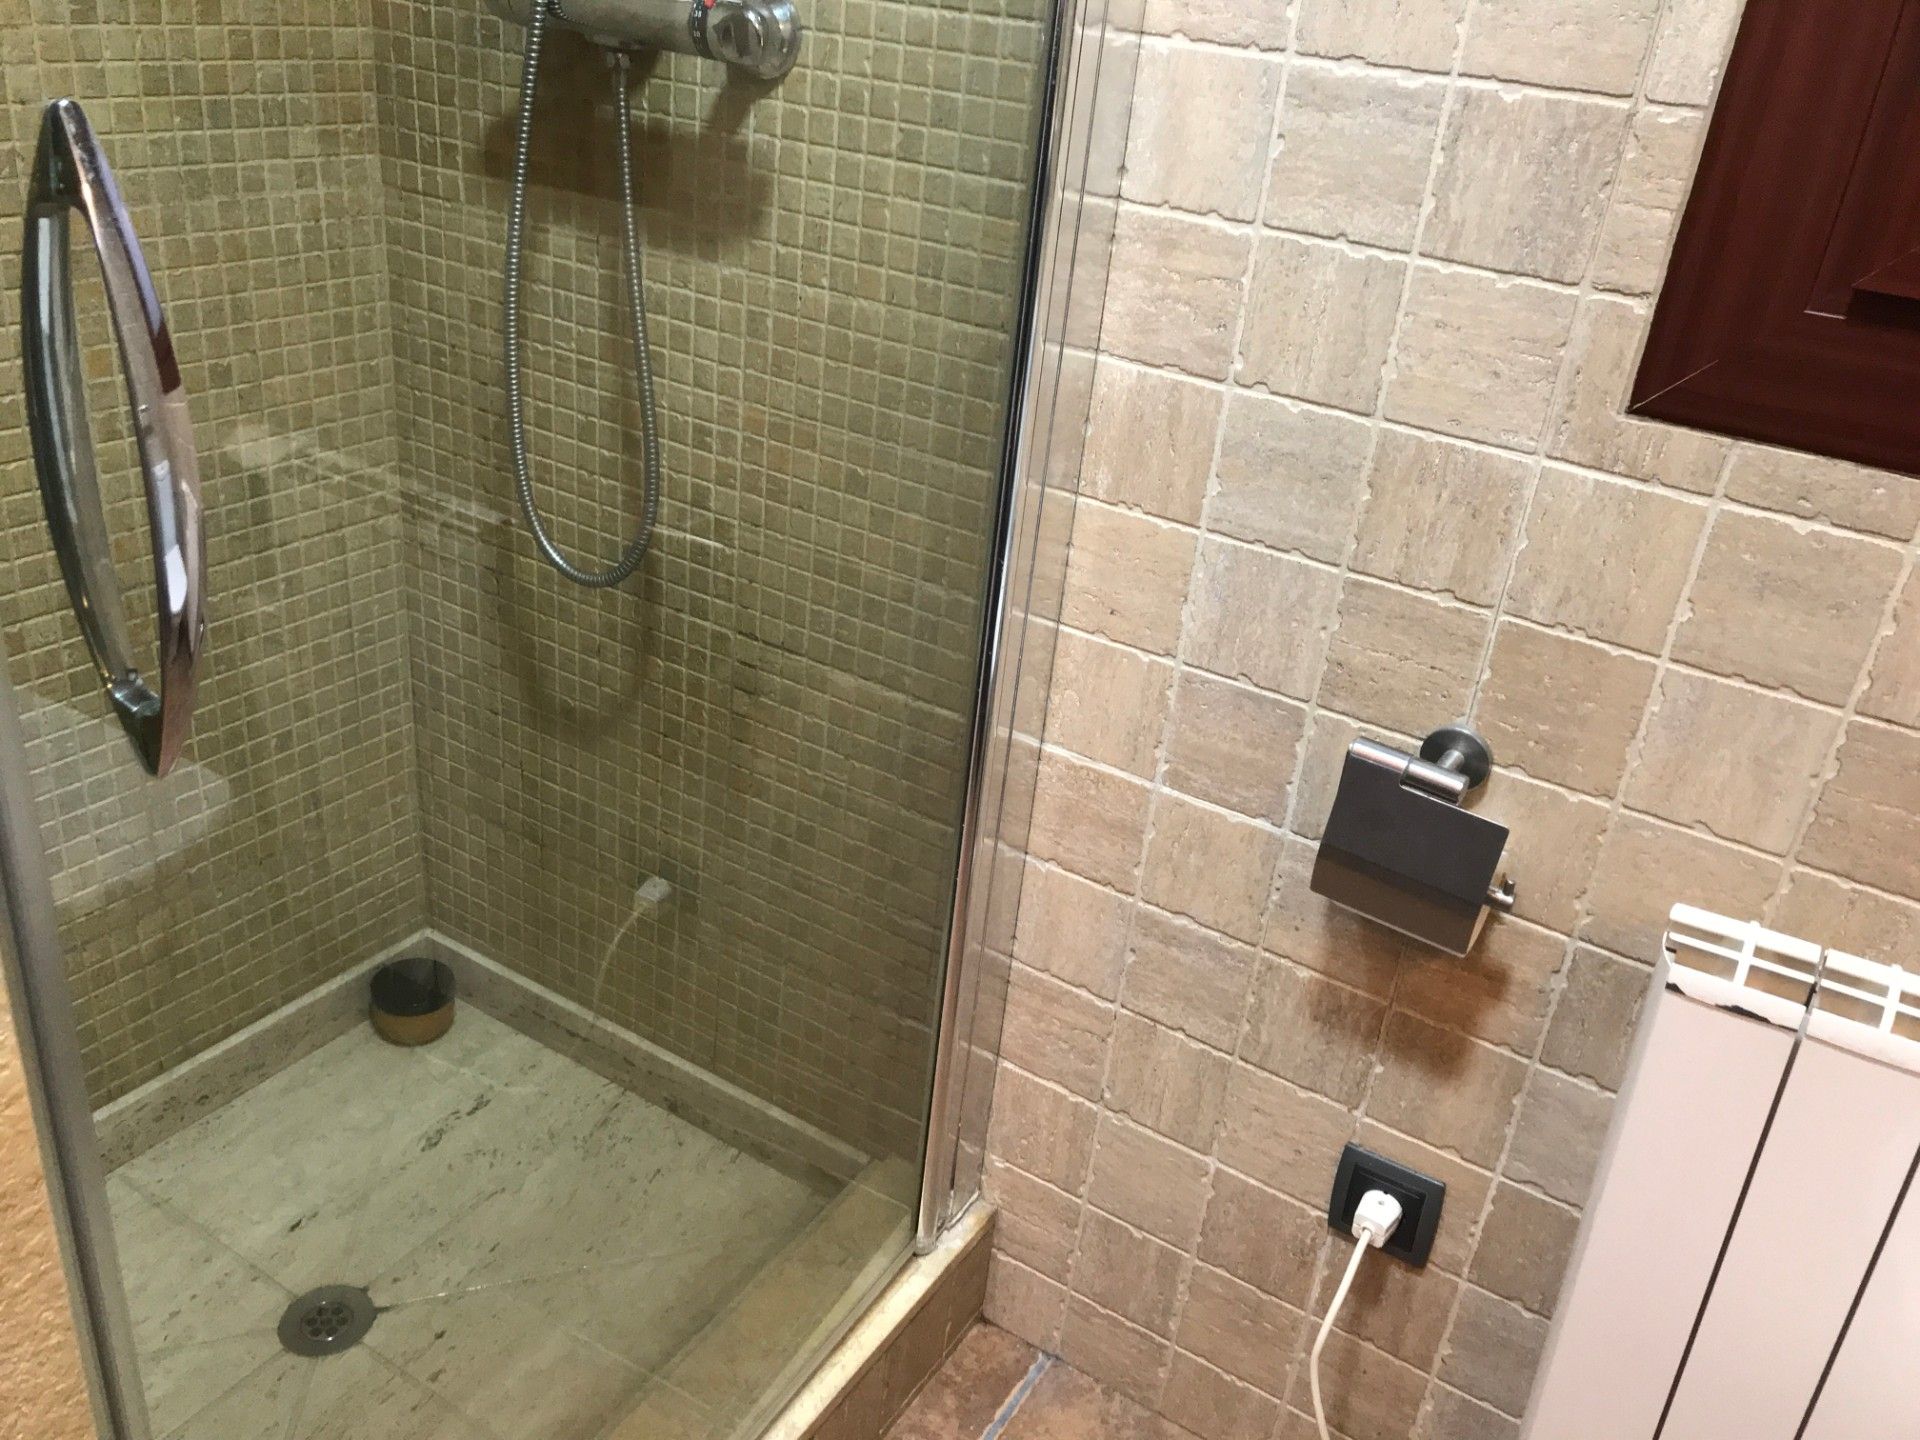 cabina de ducha en el baño